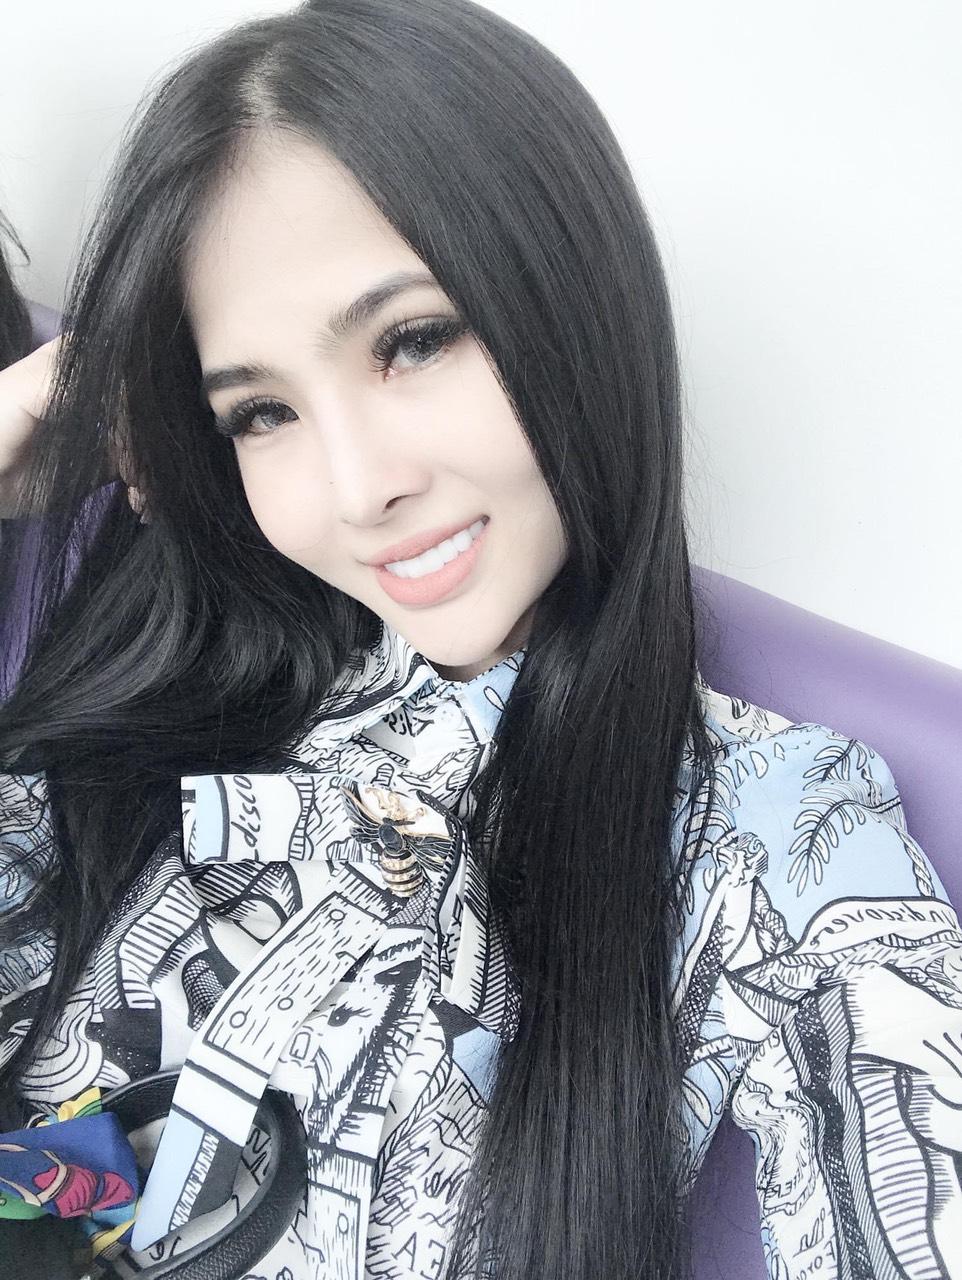 học viên chinemaster Nguyễn Bé Vi DJ Vi Milk